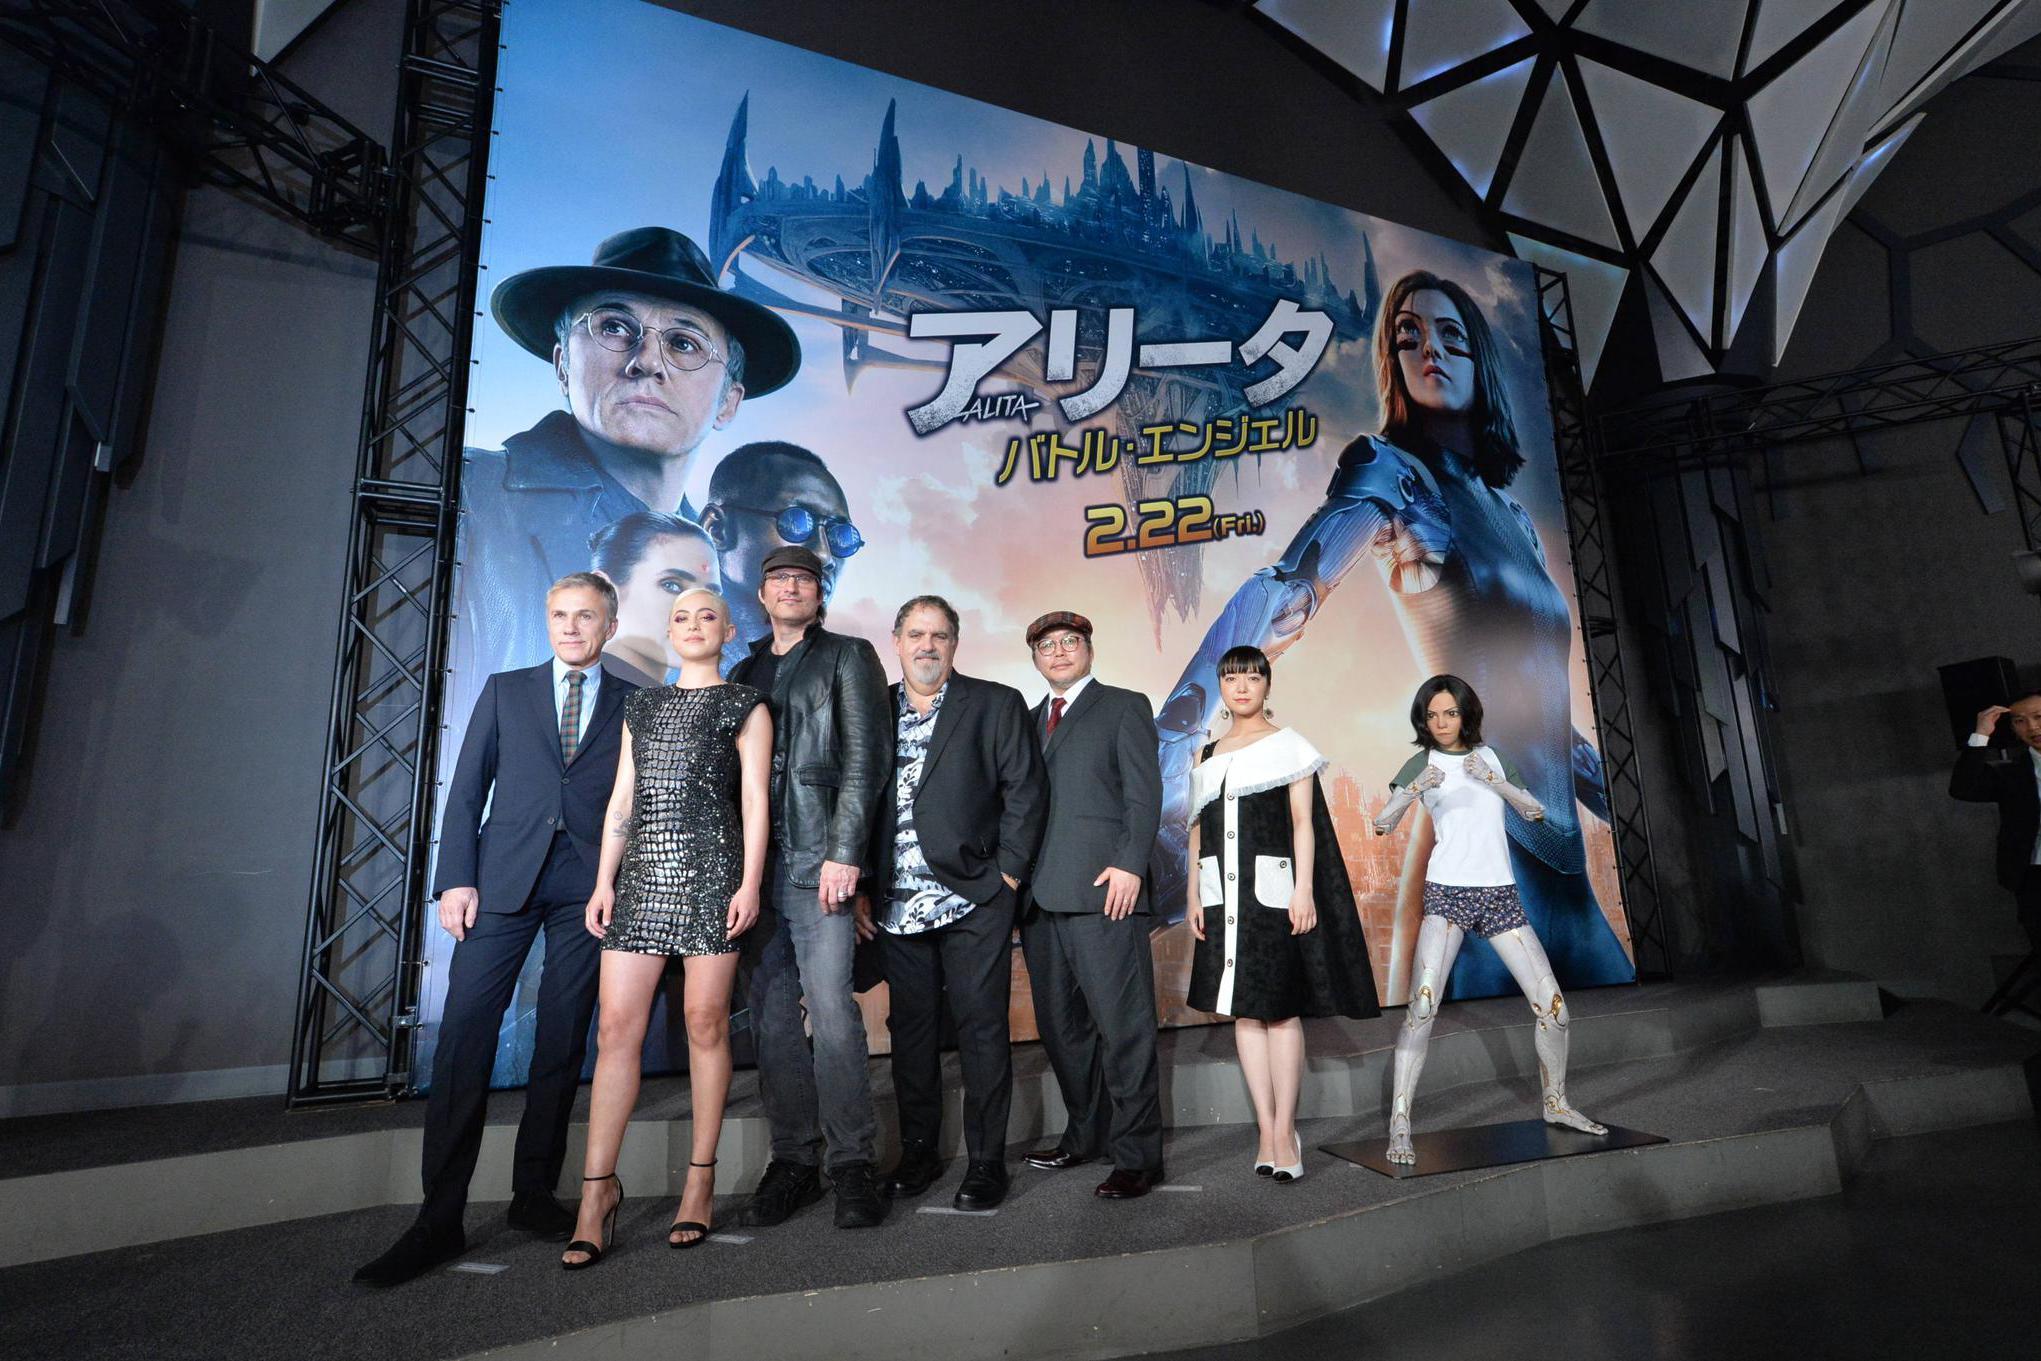 《阿丽塔:战斗天使》日本首映礼盛大举办 主创空降东京现场嗨爆